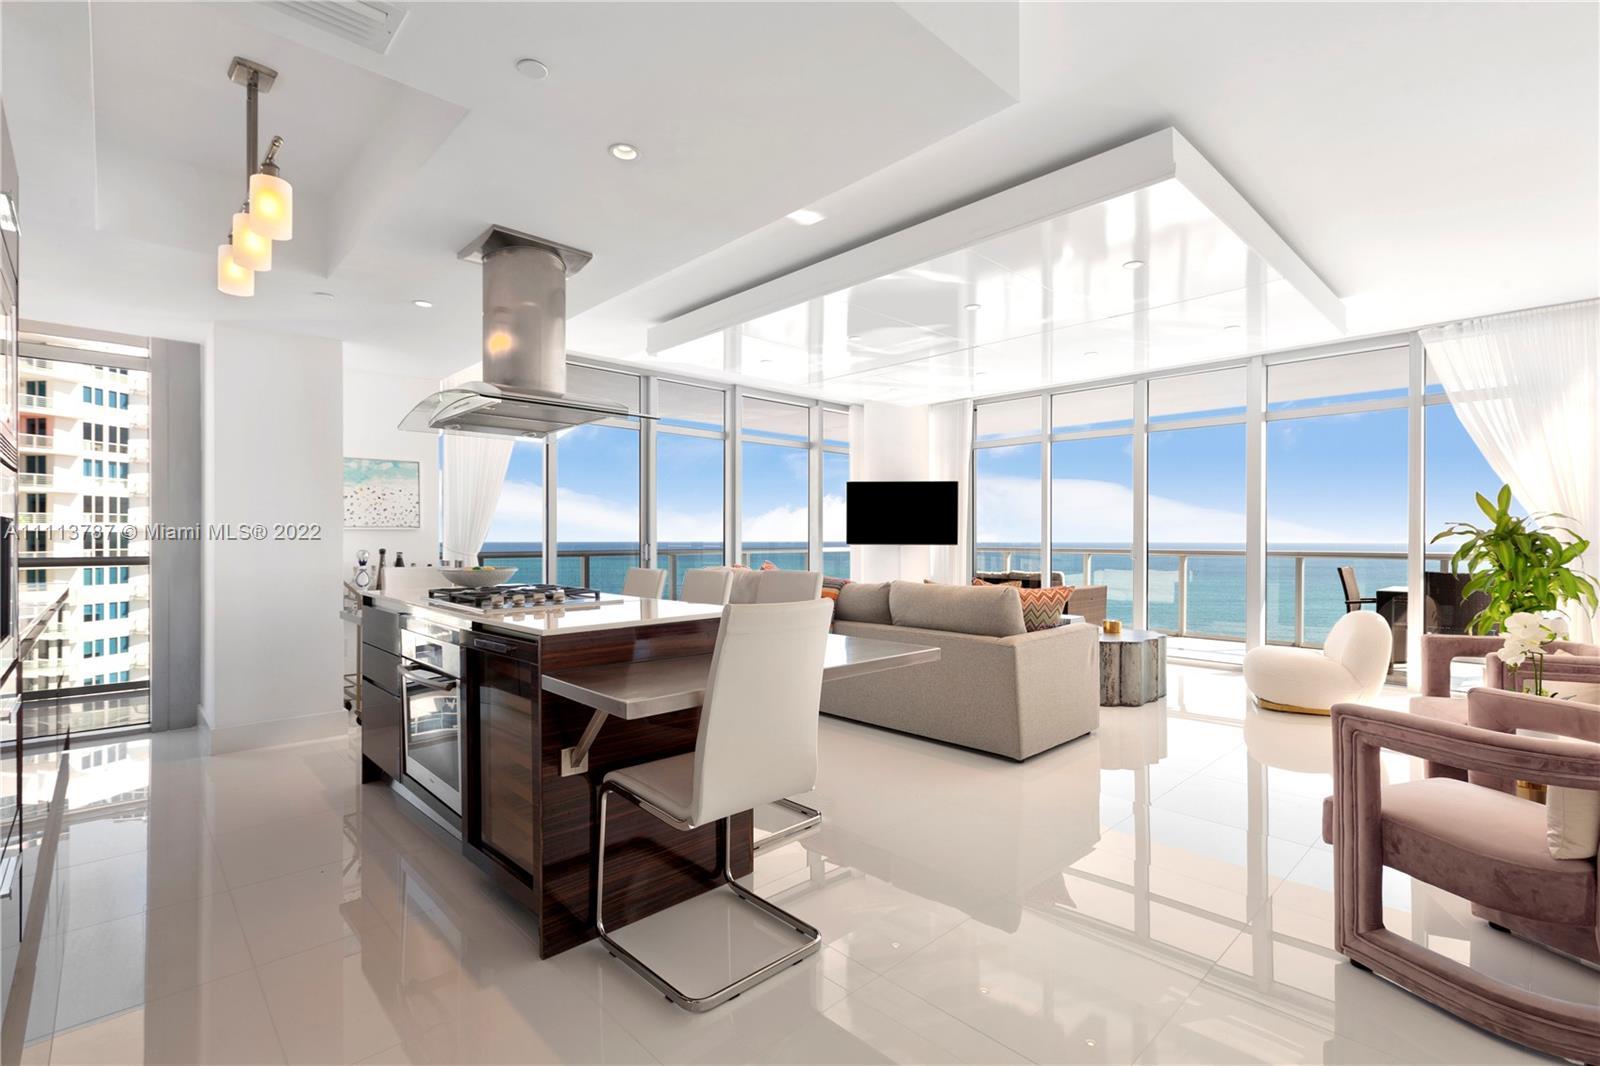 3737 Collins Ave Unit S-1401, Miami Beach, Florida 33140